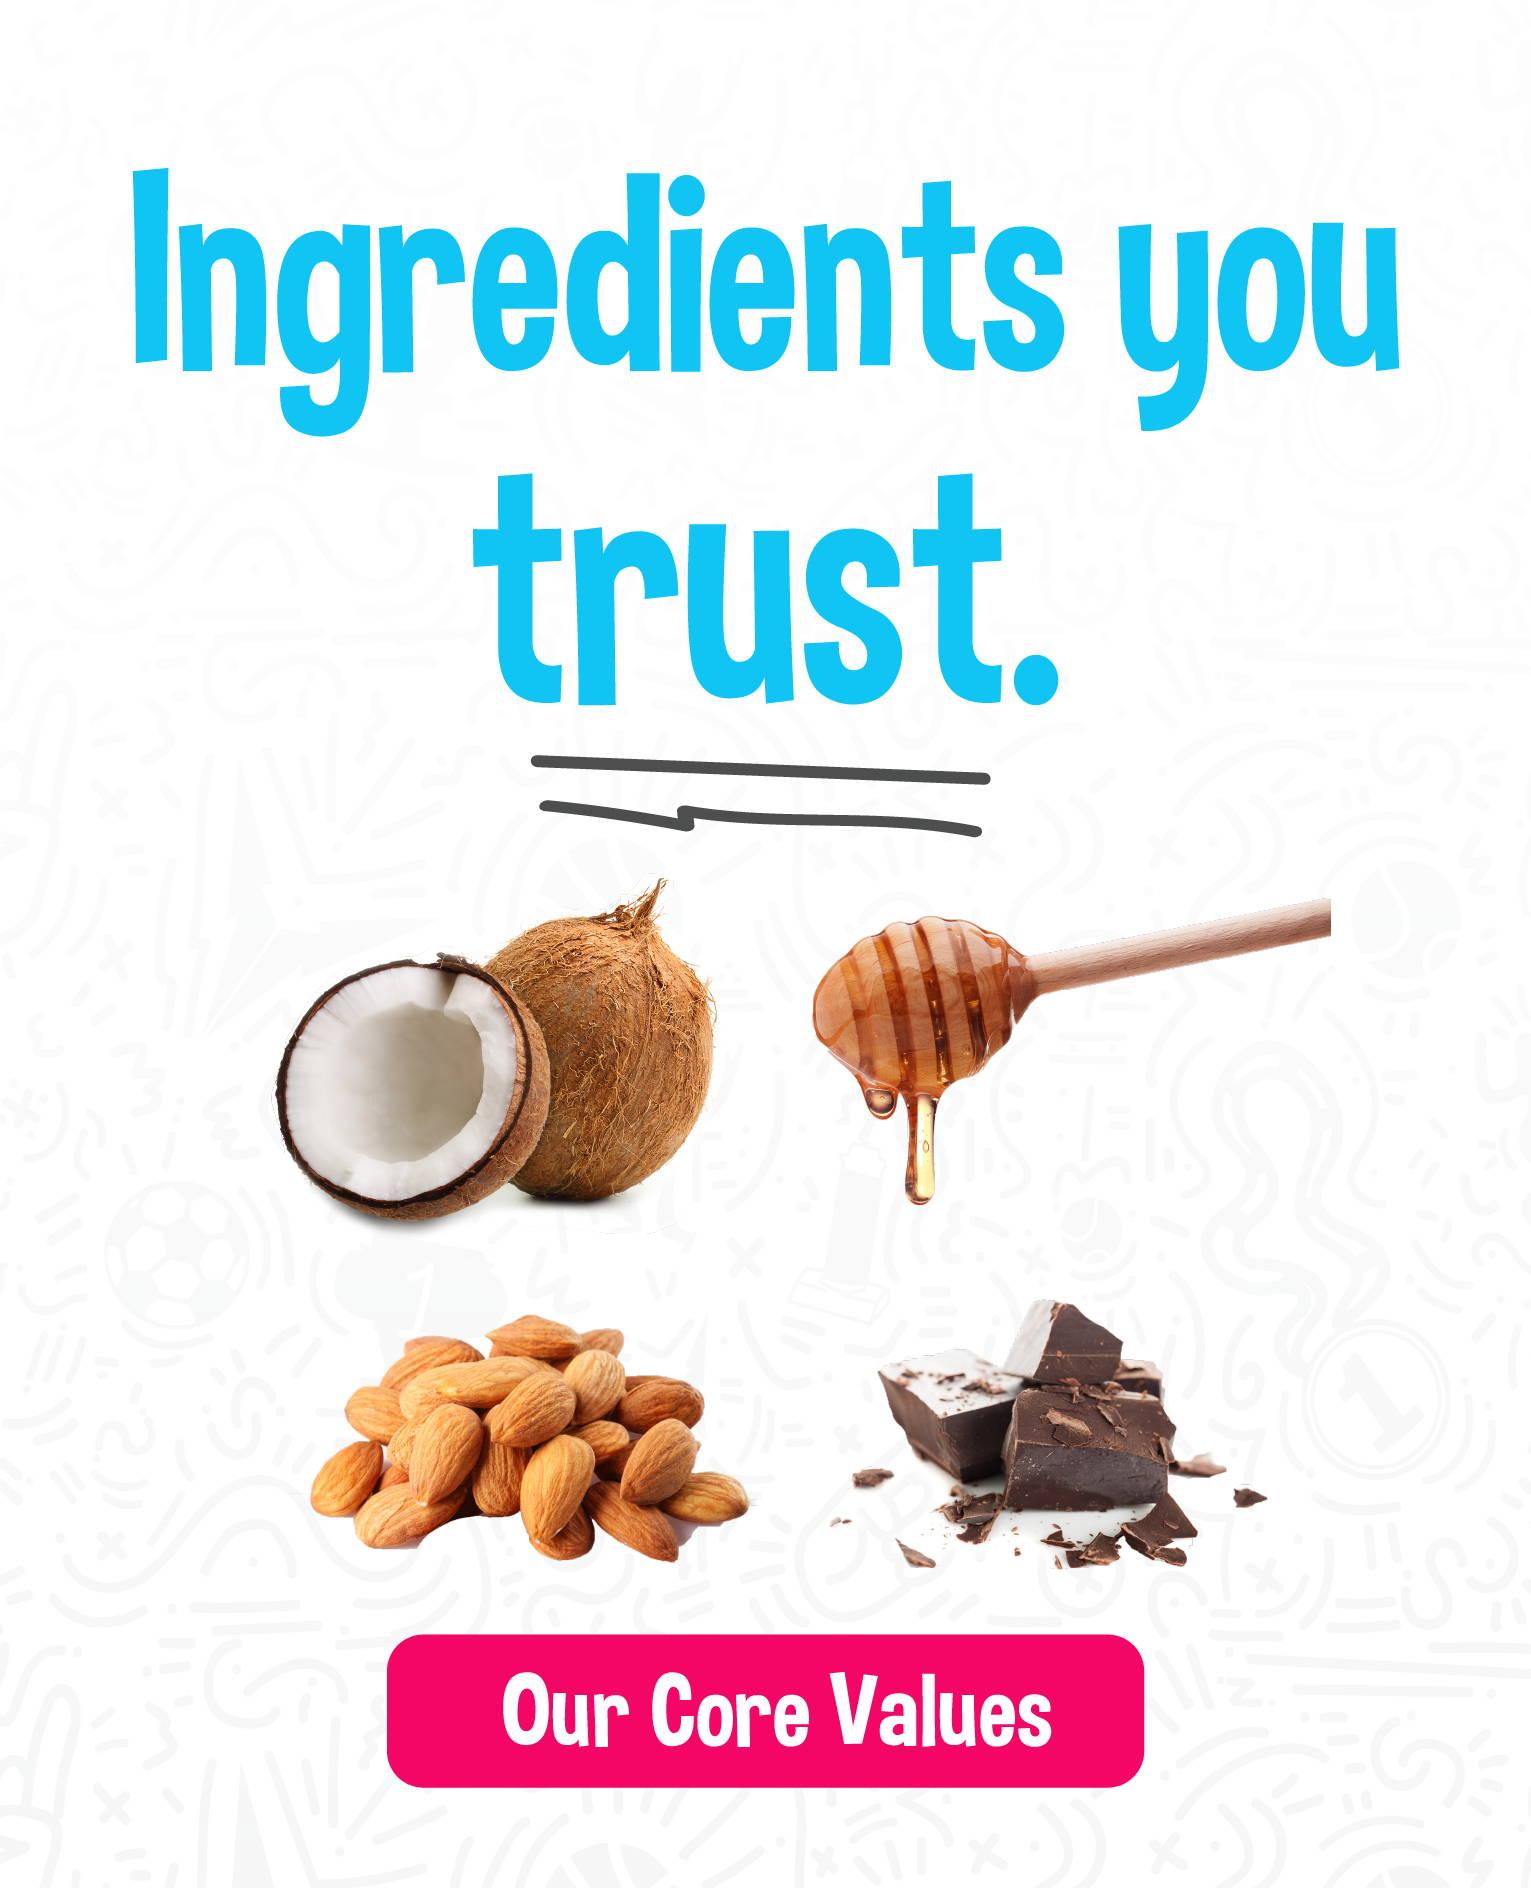 HEROFUEL- Ingredients you trust.